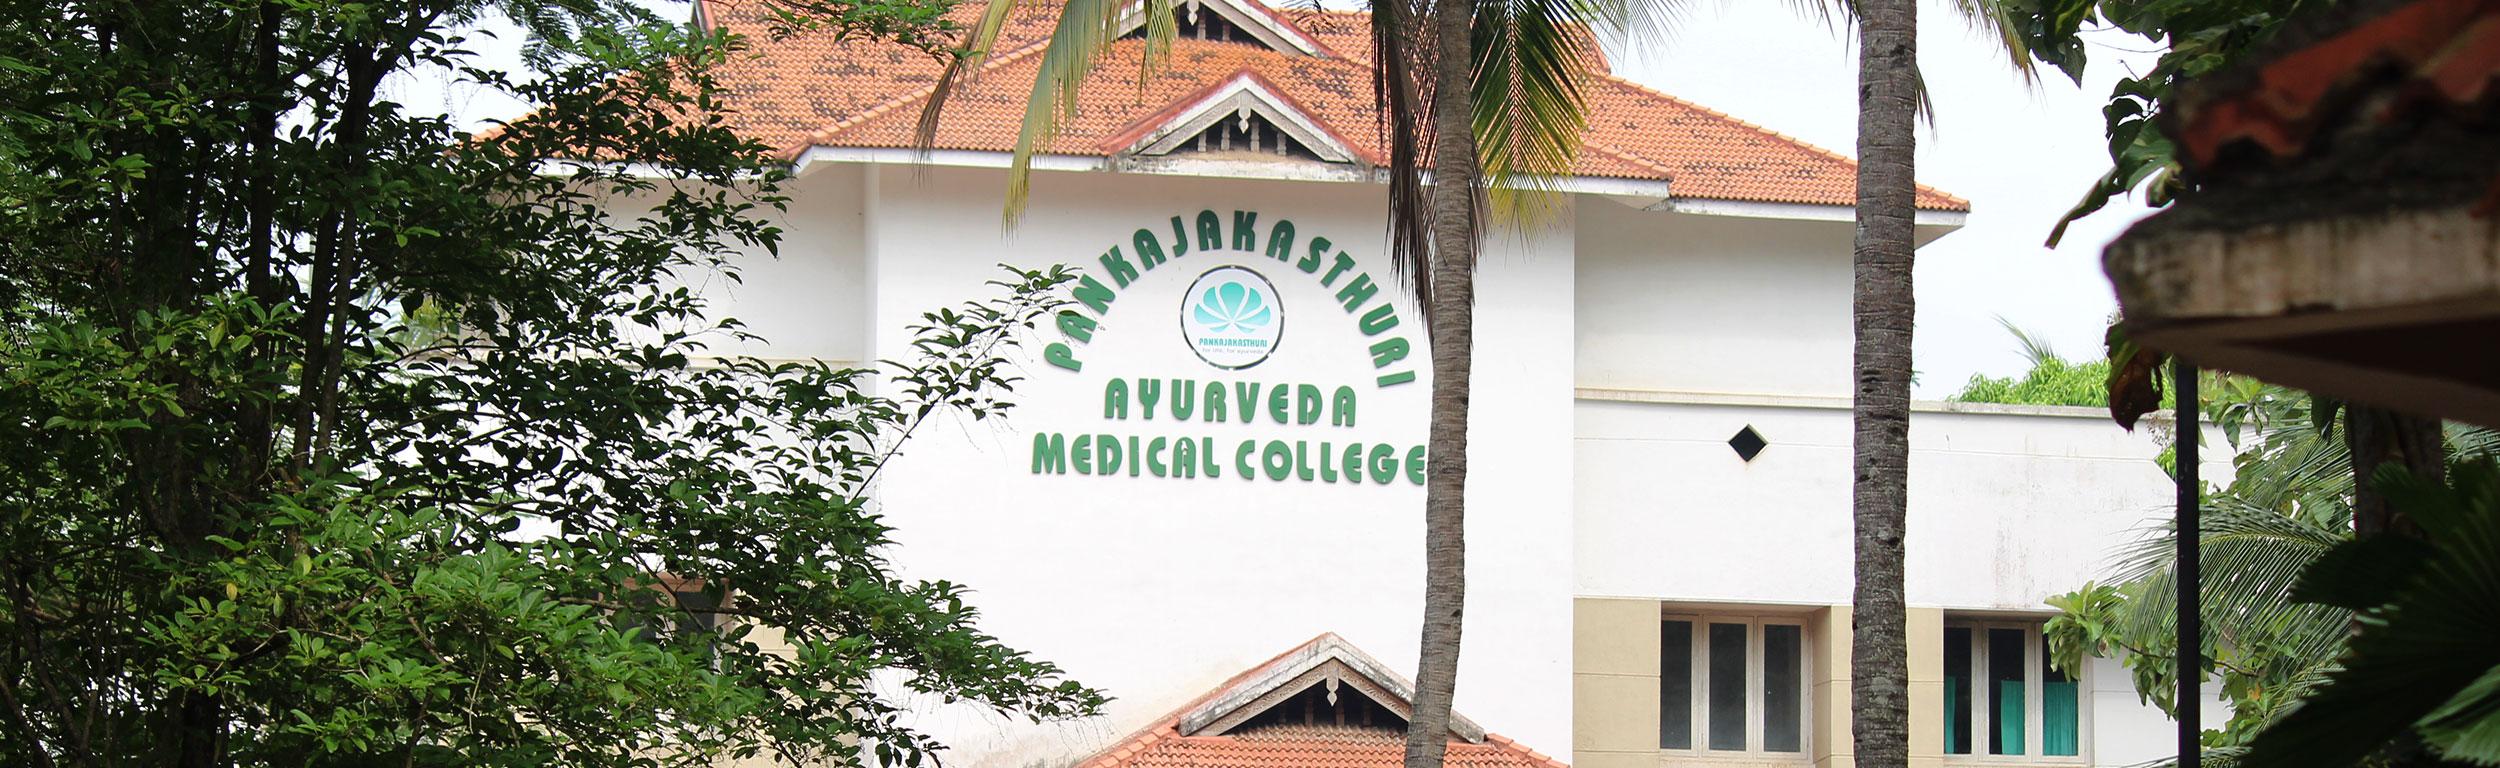 Pankajakasthuri Ayurveda Medical College, Thiruvananthapuram Image